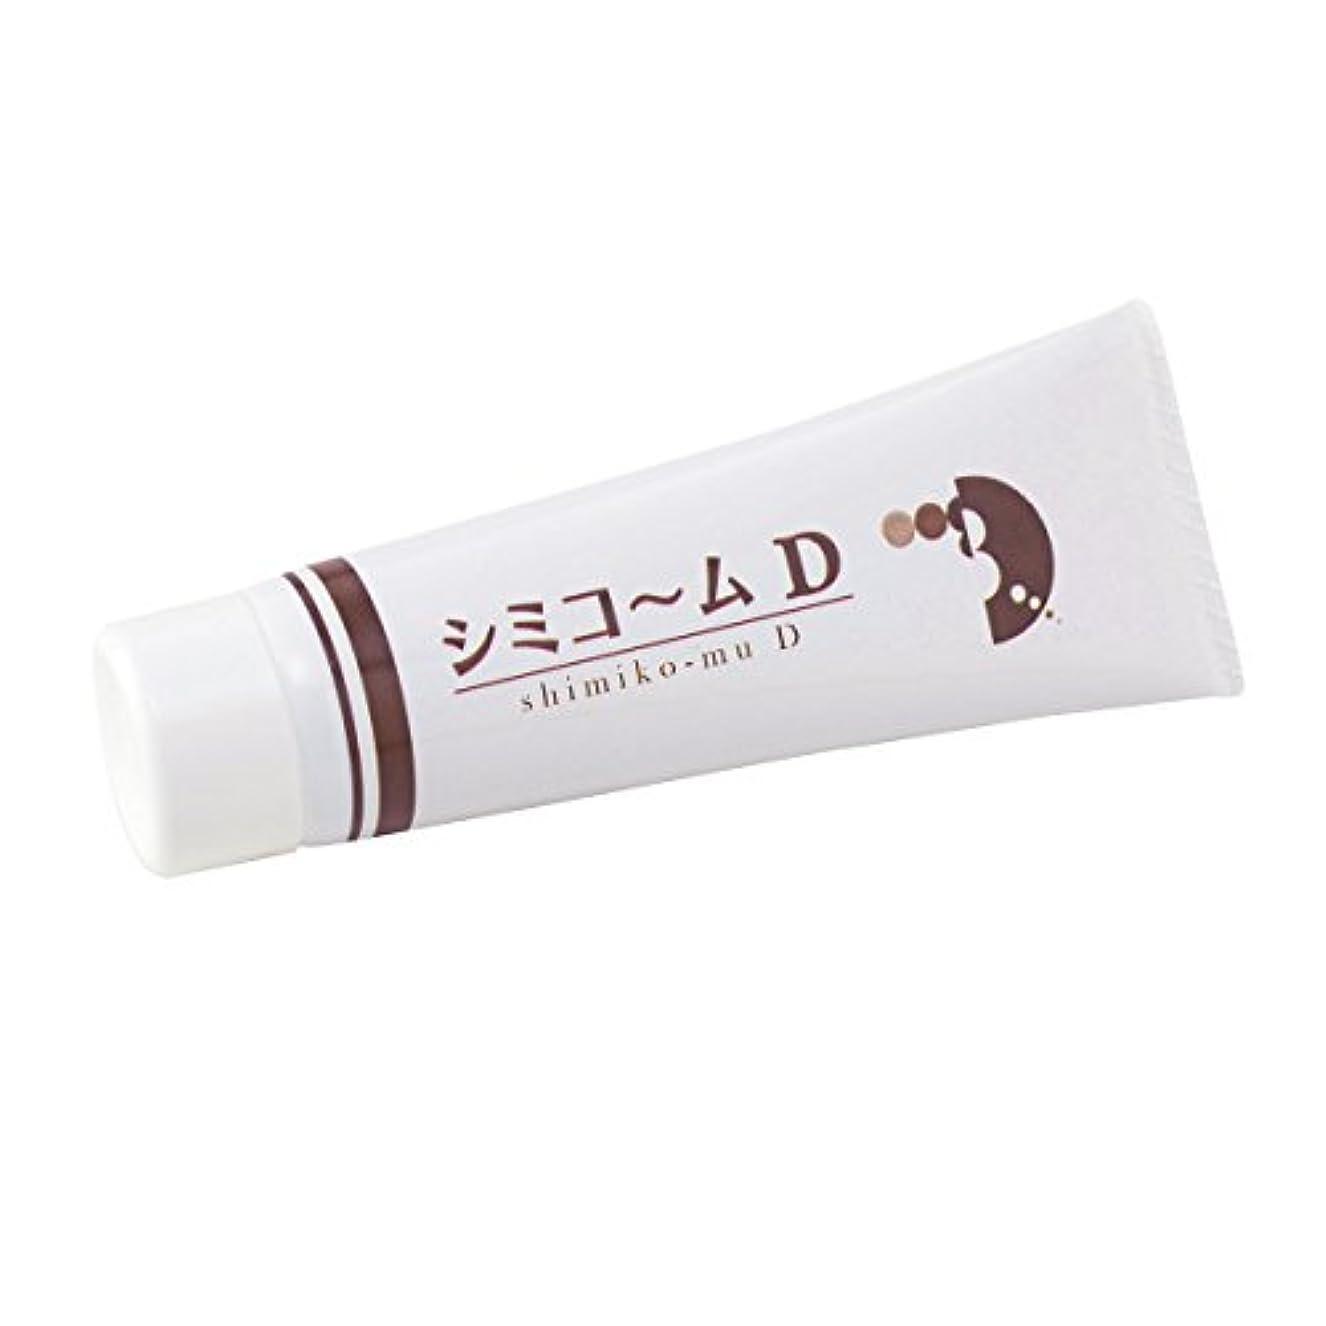 アテンダント挽く構想するしみ取り 化粧品 ハイドロキノン シミコ~ム D